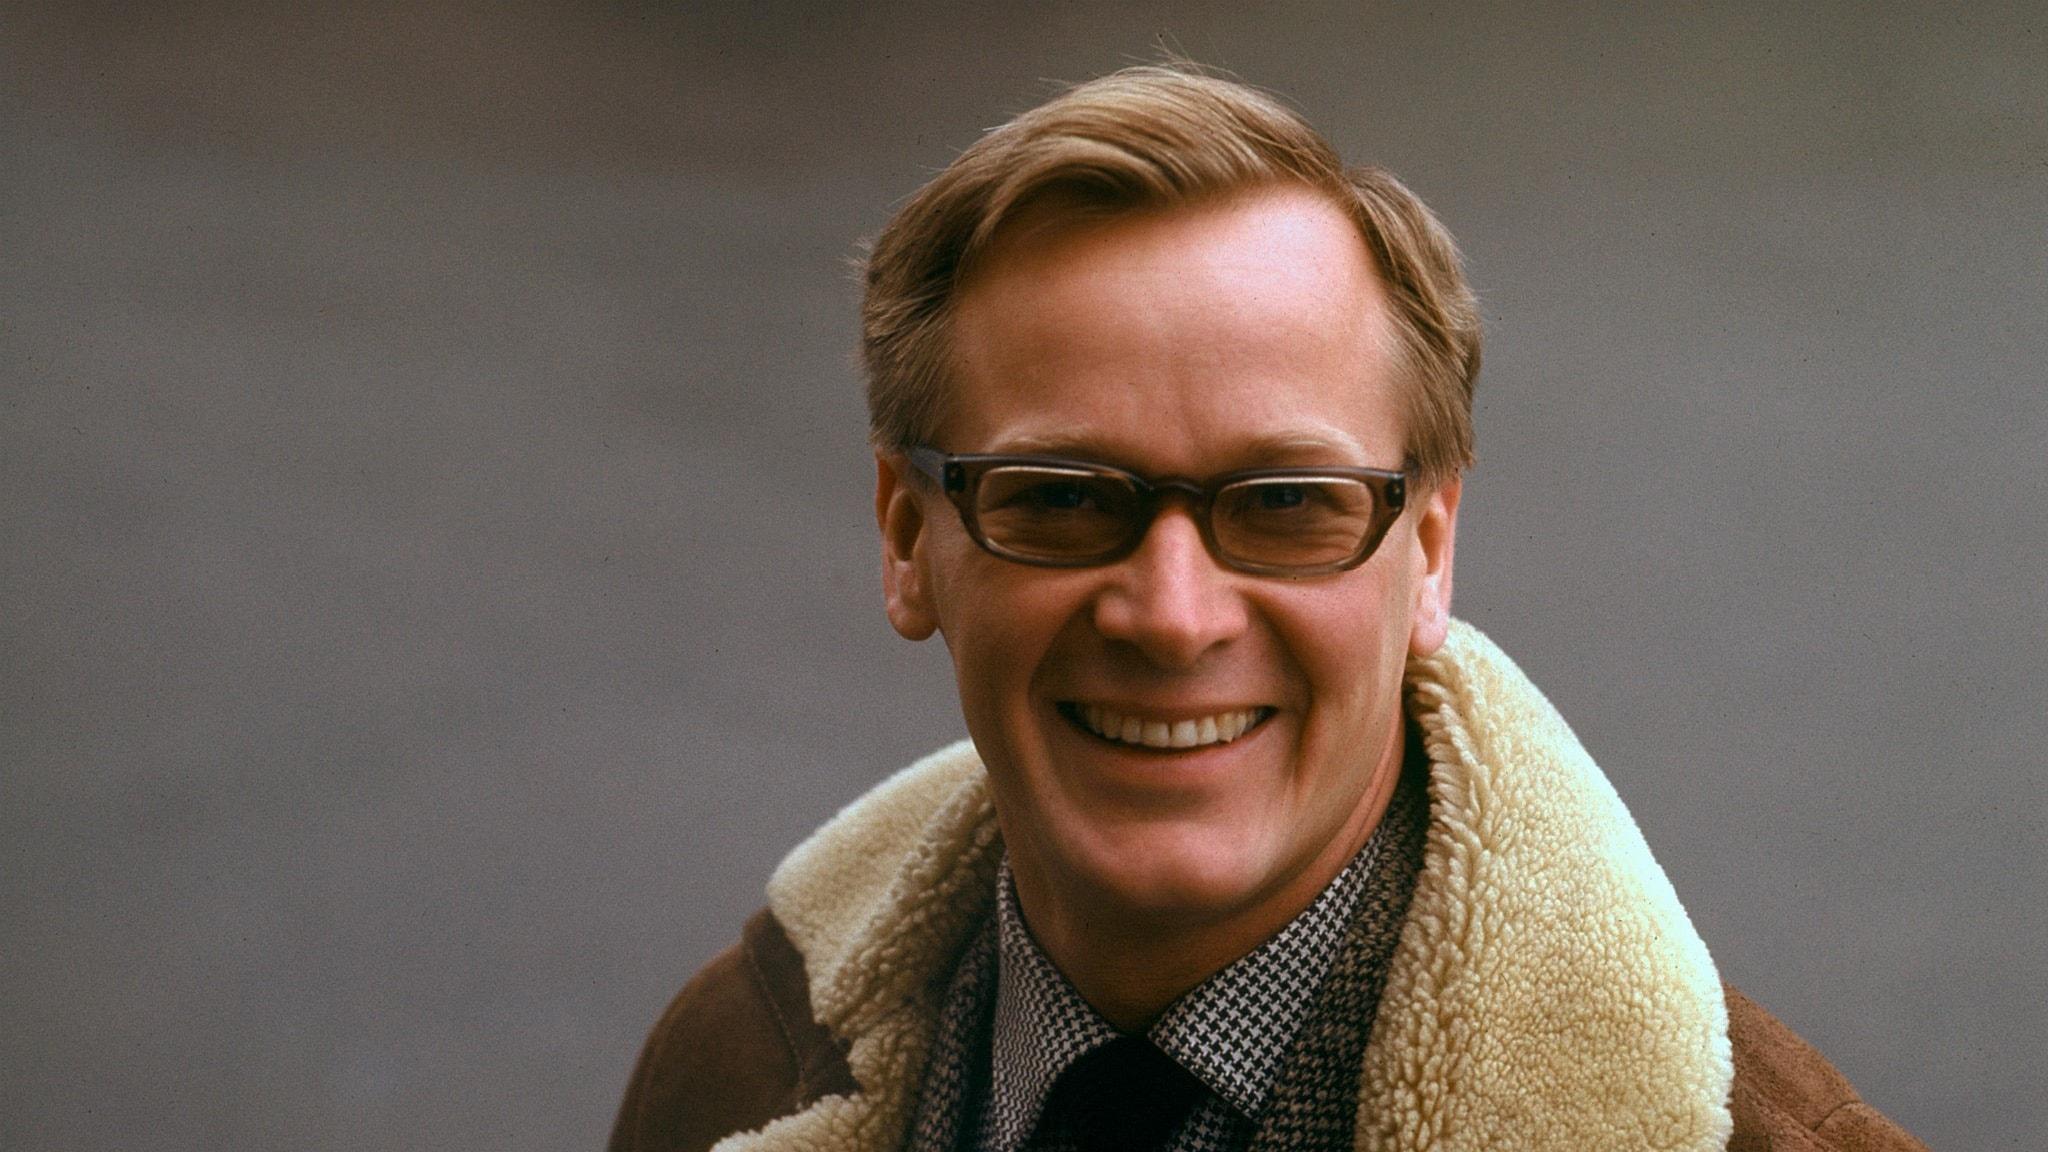 En ansiktsbild från 60-talet på Jan Malmsjö. Den är tagen utomhus kan man ana eftersom han har en brun jacka eller rock på sig med vit fårullsliknande krage. Jan bär glasögon.